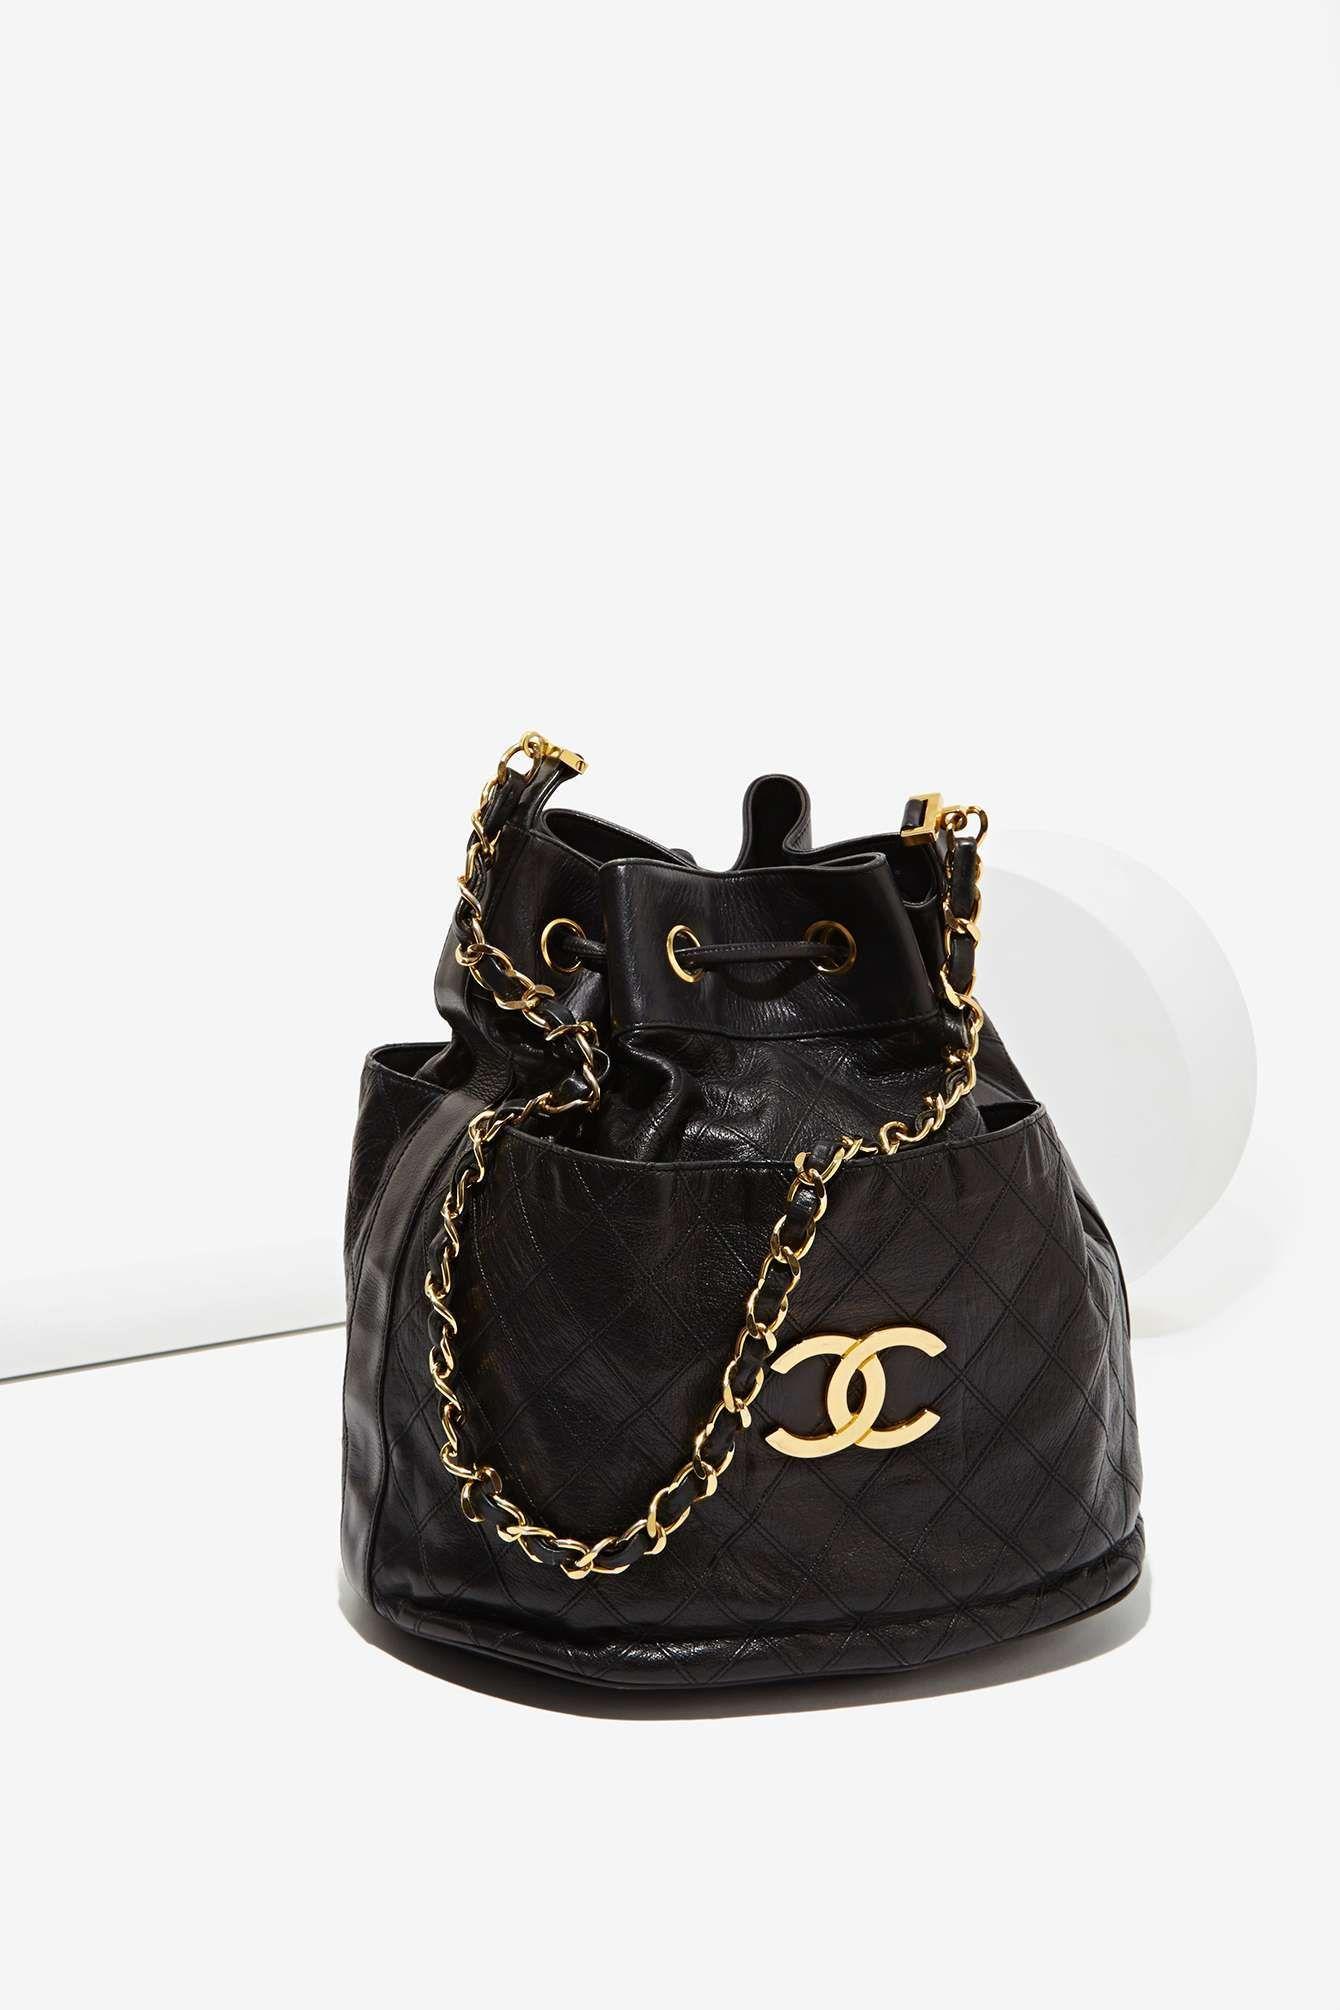 Vintage Chanel Quilted Bucket Bag Vintage Chanel Bag Women Handbags Shoulder Bag Women